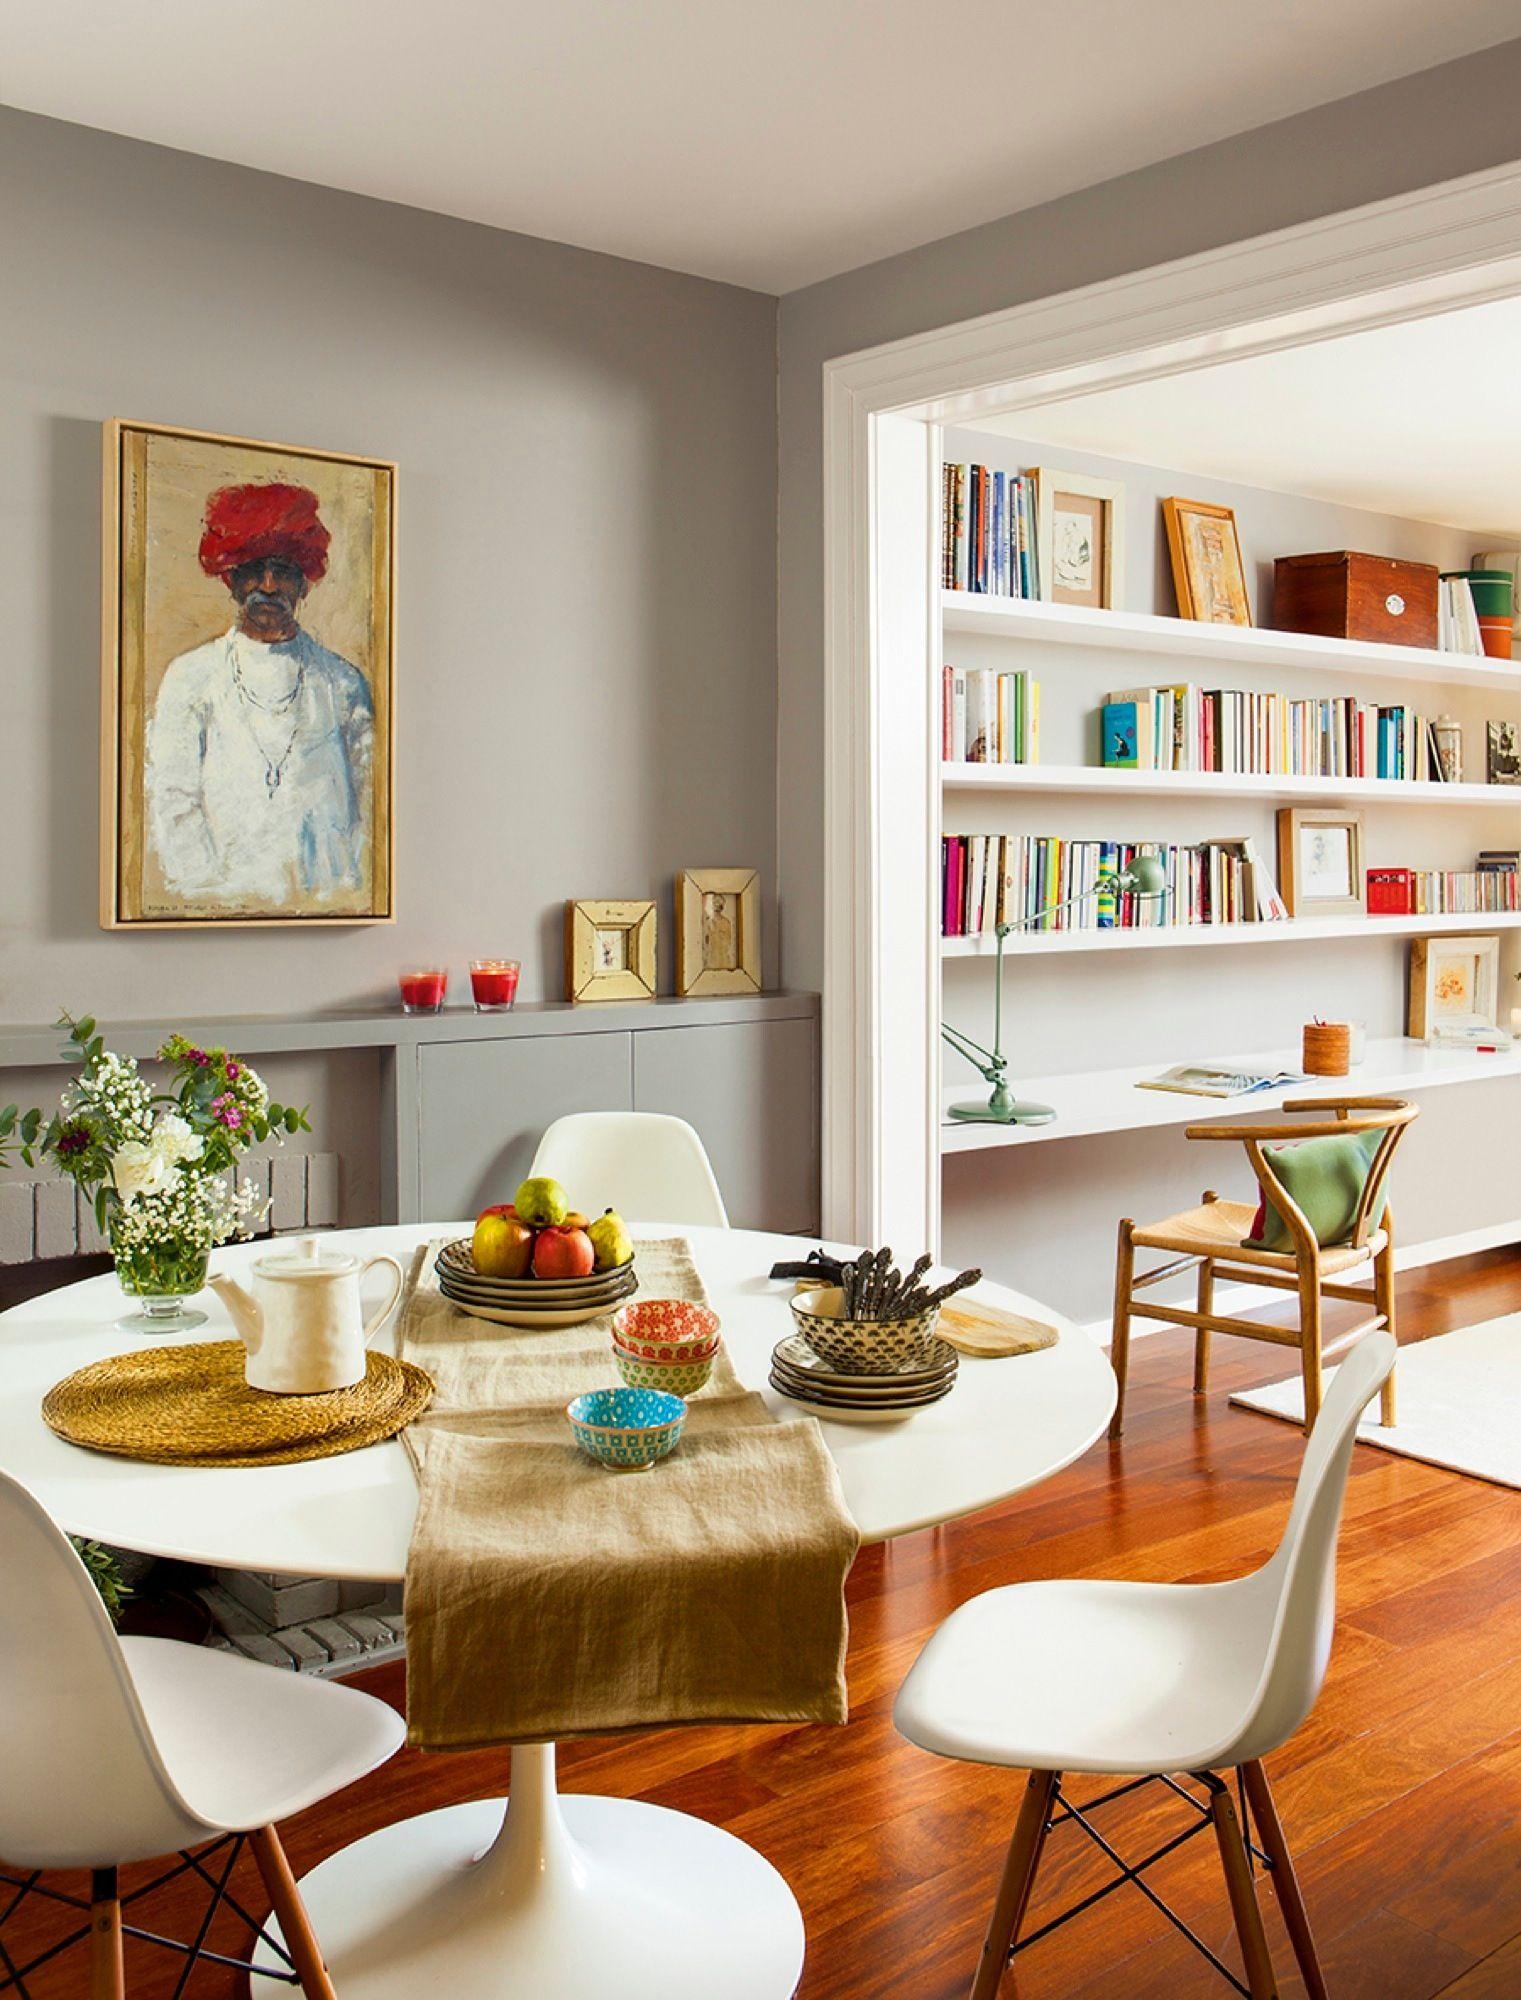 Innenarchitektur für wohnzimmer für kleines haus el mueble  zukünftige projekte  pinterest  esszimmer haus und